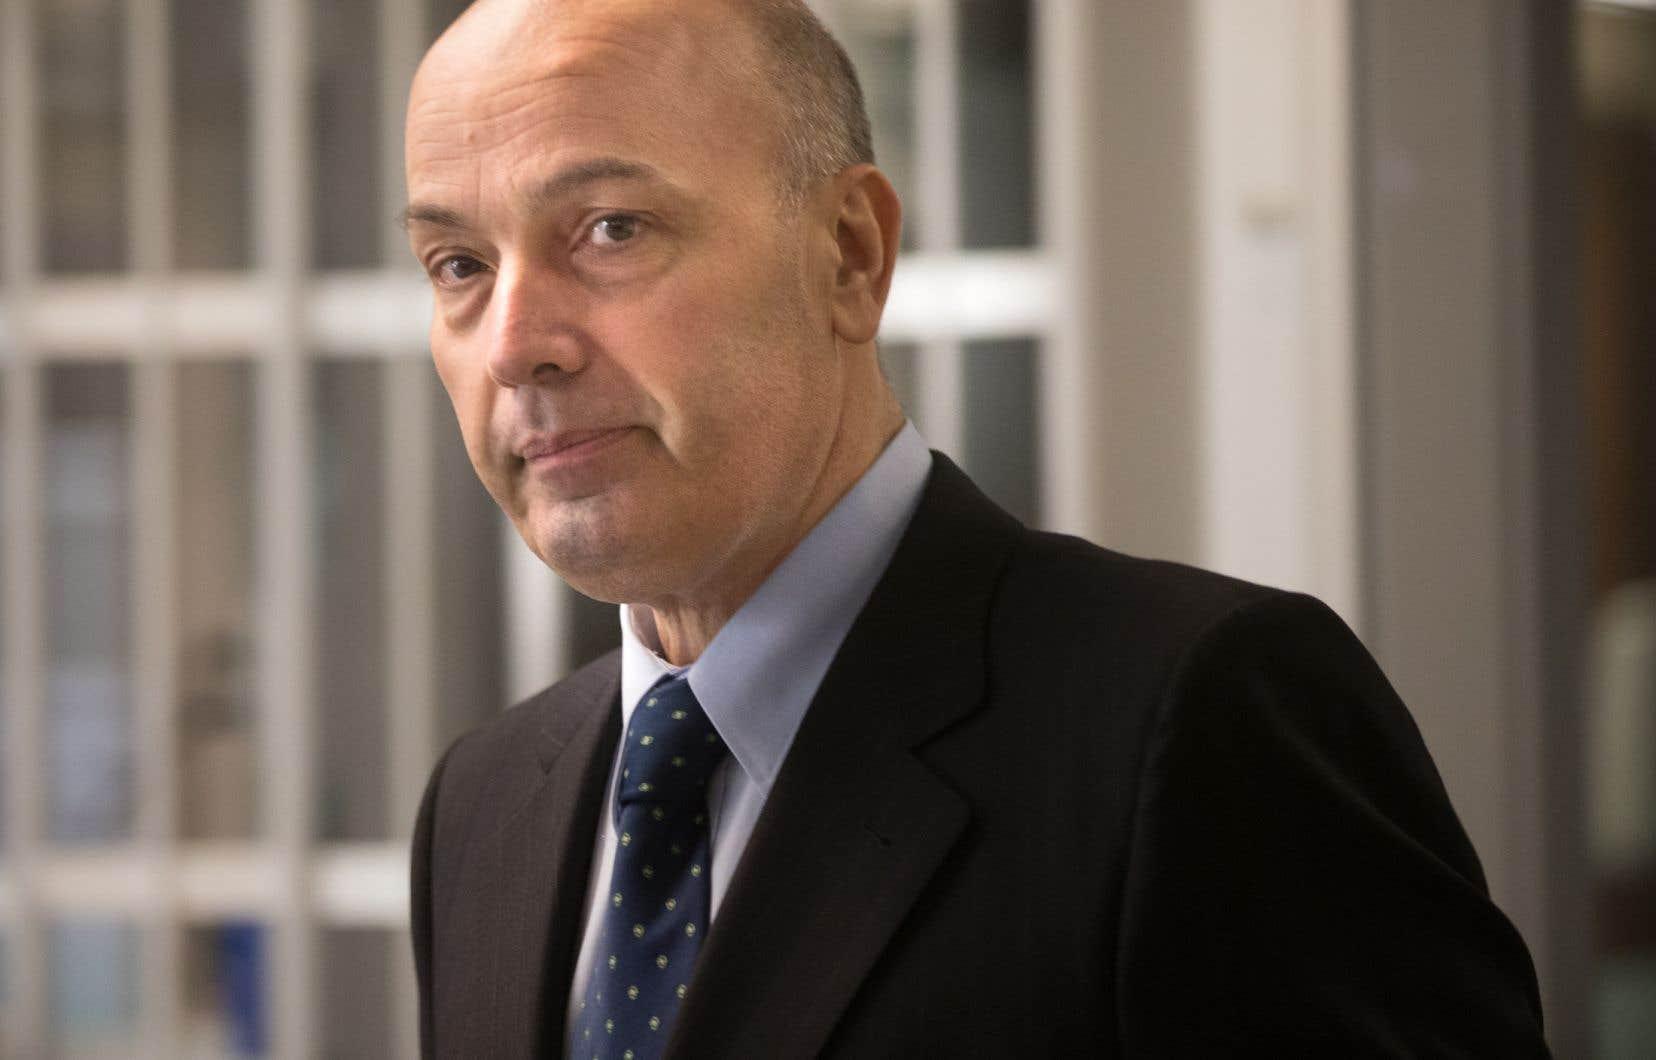 Frank Zampino fait face à des accusations de fraude, d'abus de confiance et de complot.